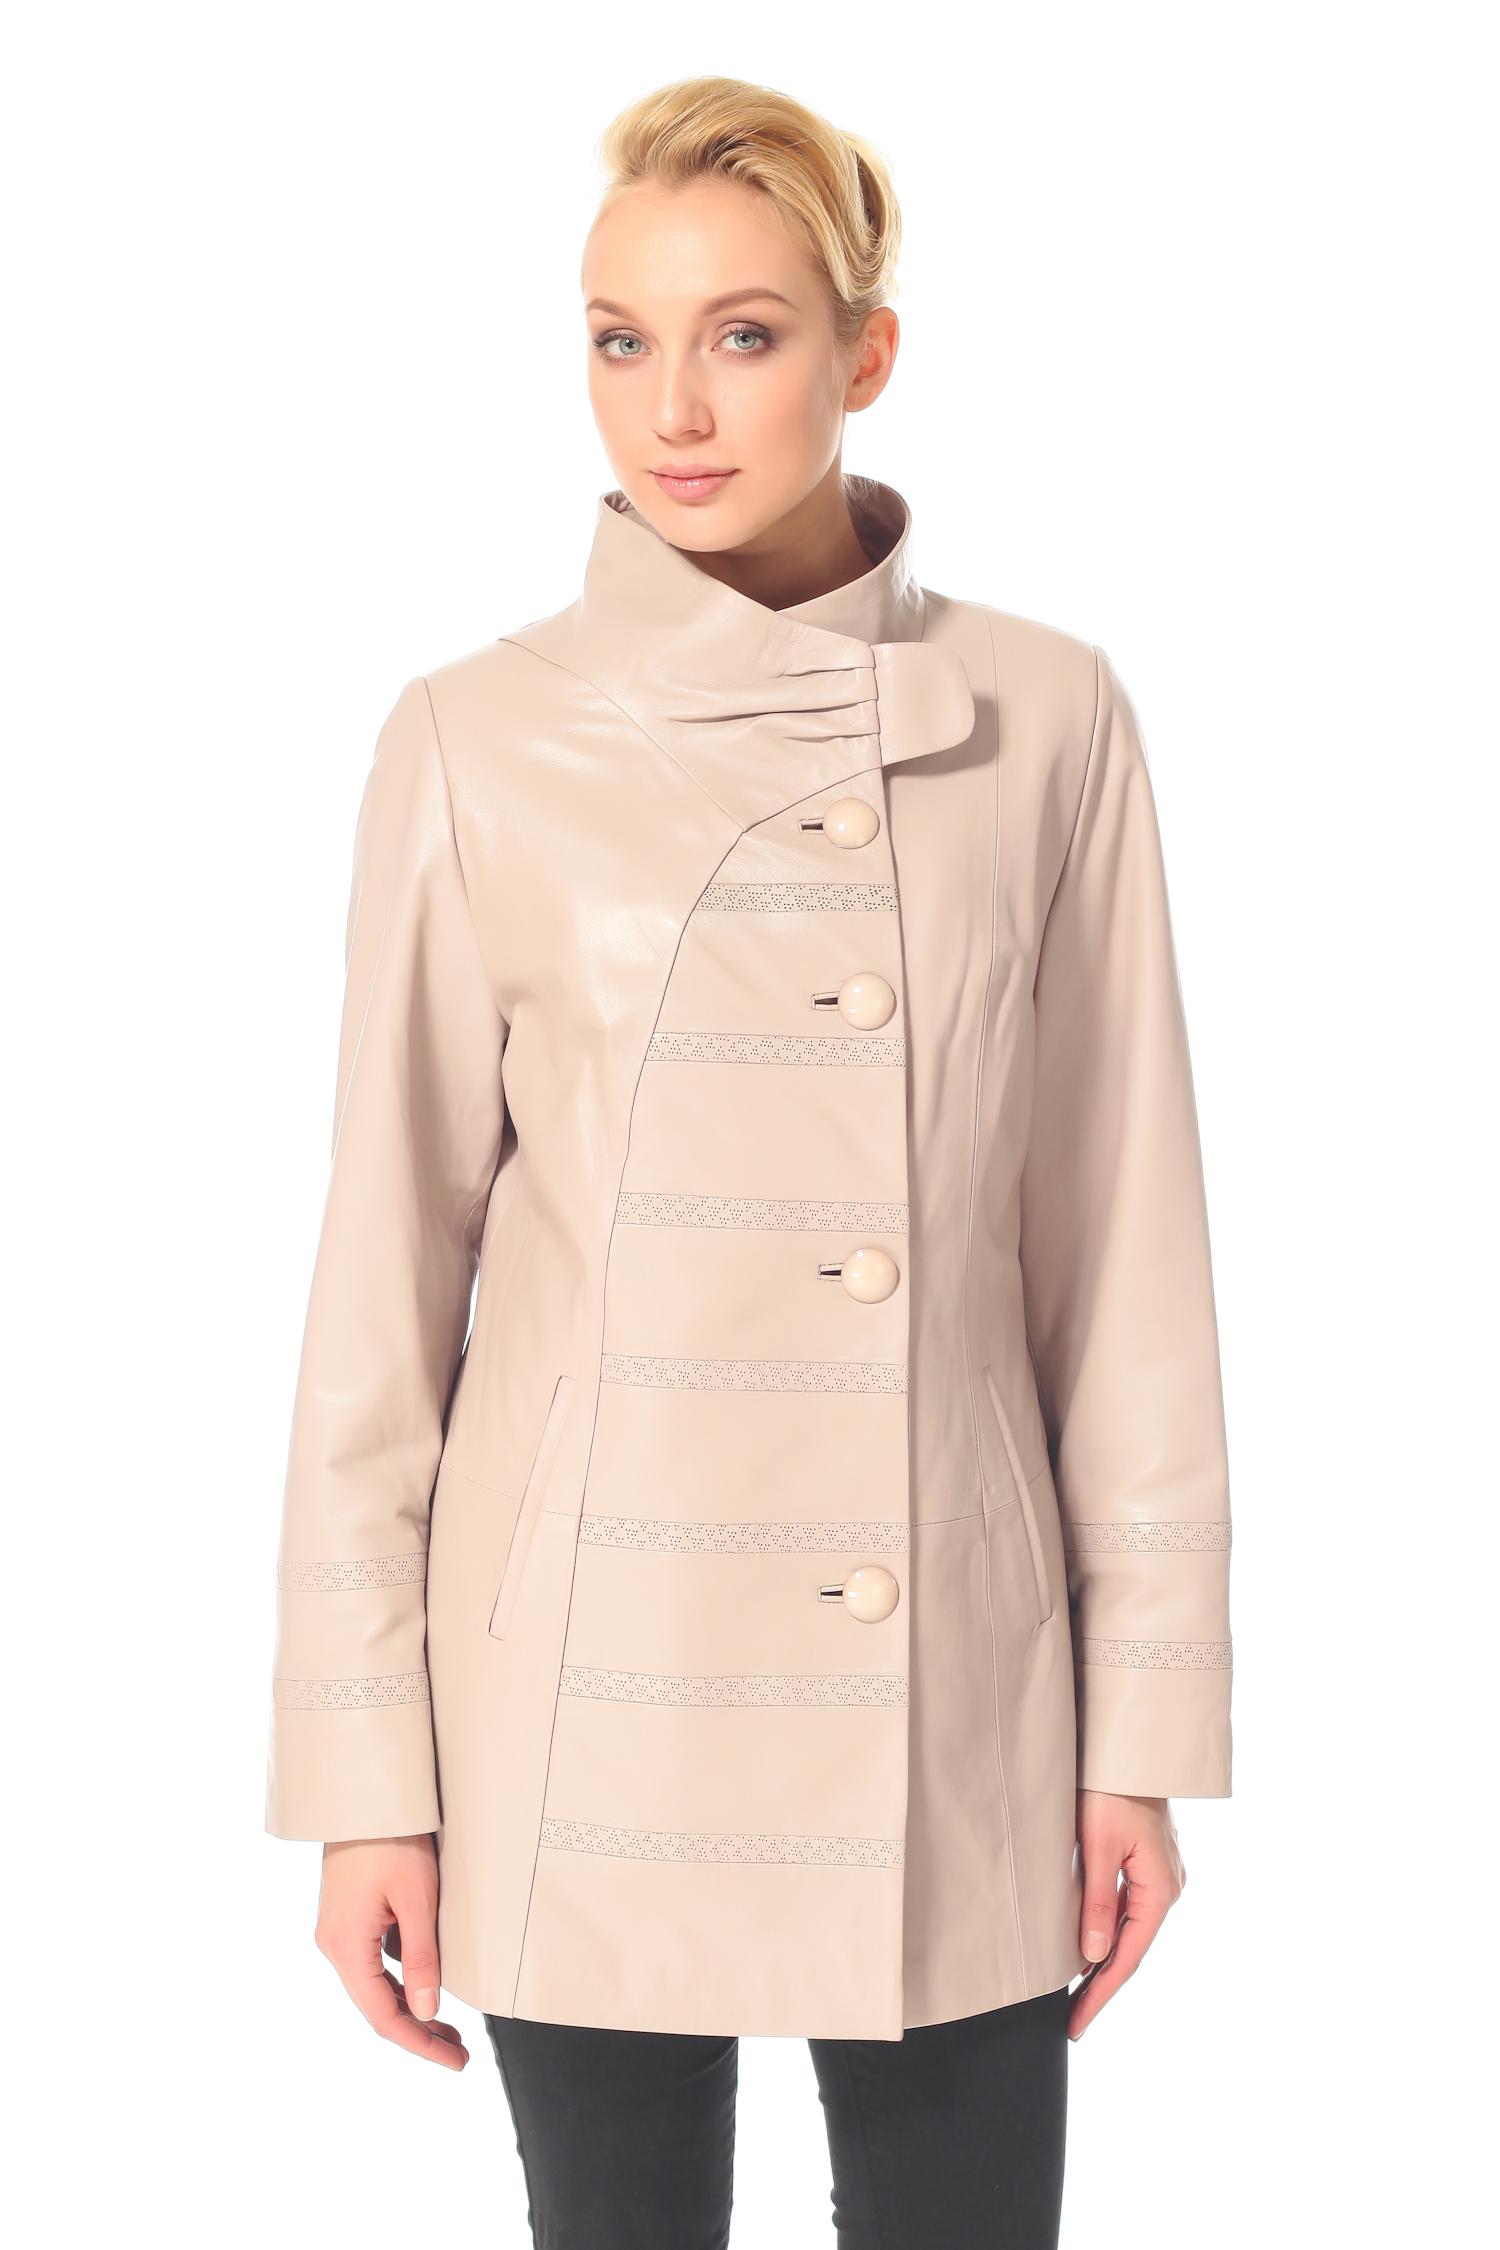 Женское кожаное пальто из натуральной кожи с воротником, без отделки<br><br>Воротник: Стойка<br>Длина см: 80<br>Материал: Натуральная кожа<br>Цвет: Бежевый<br>Пол: Женский